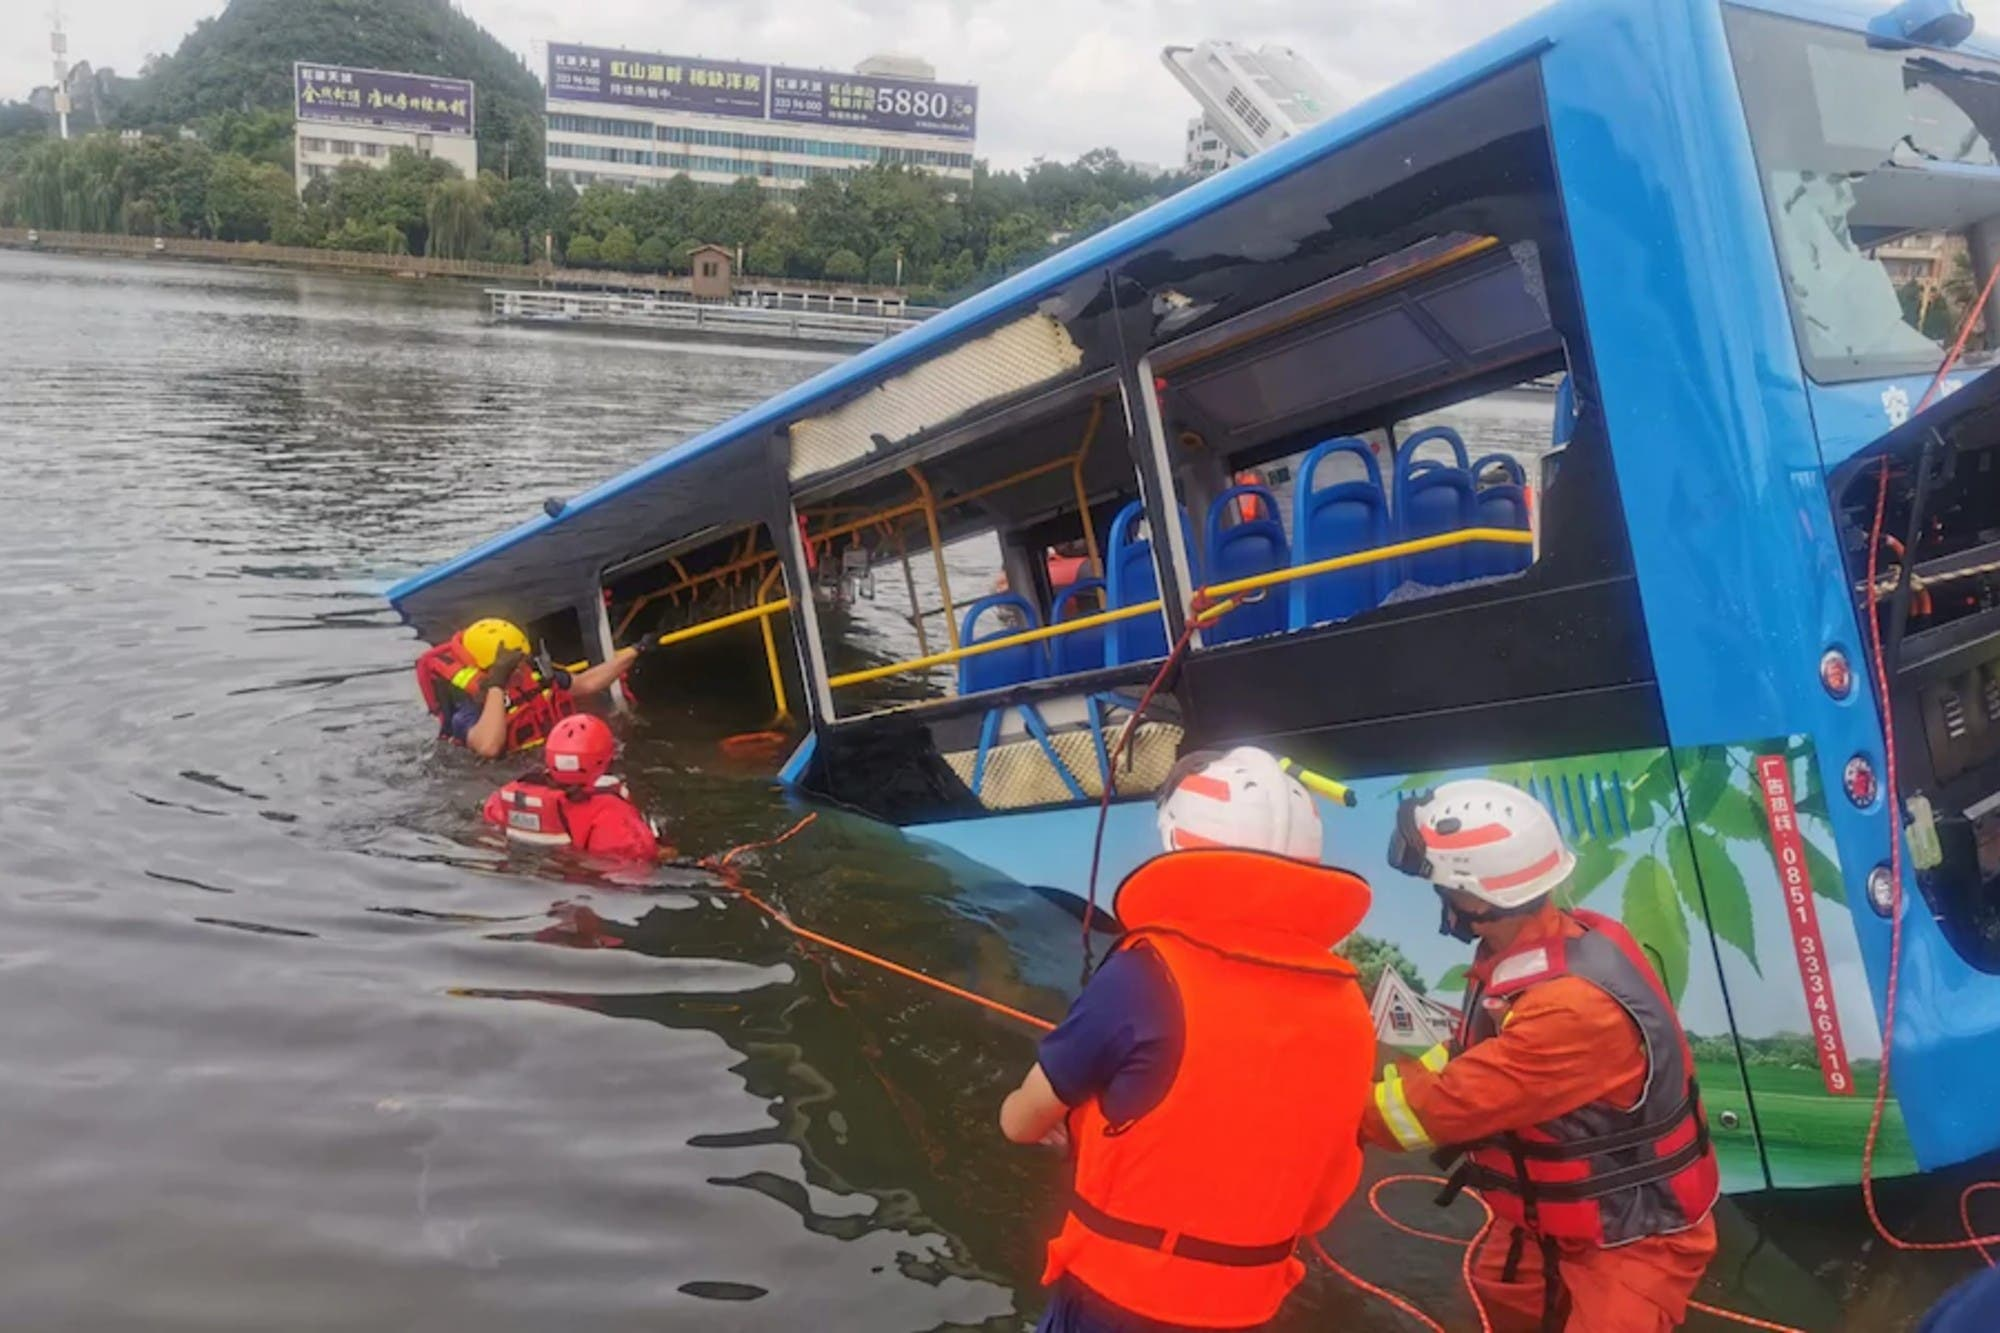 Tragedia: un micro en el que viajaban estudiantes chinos cayó a un lago y al menos 21 murieron